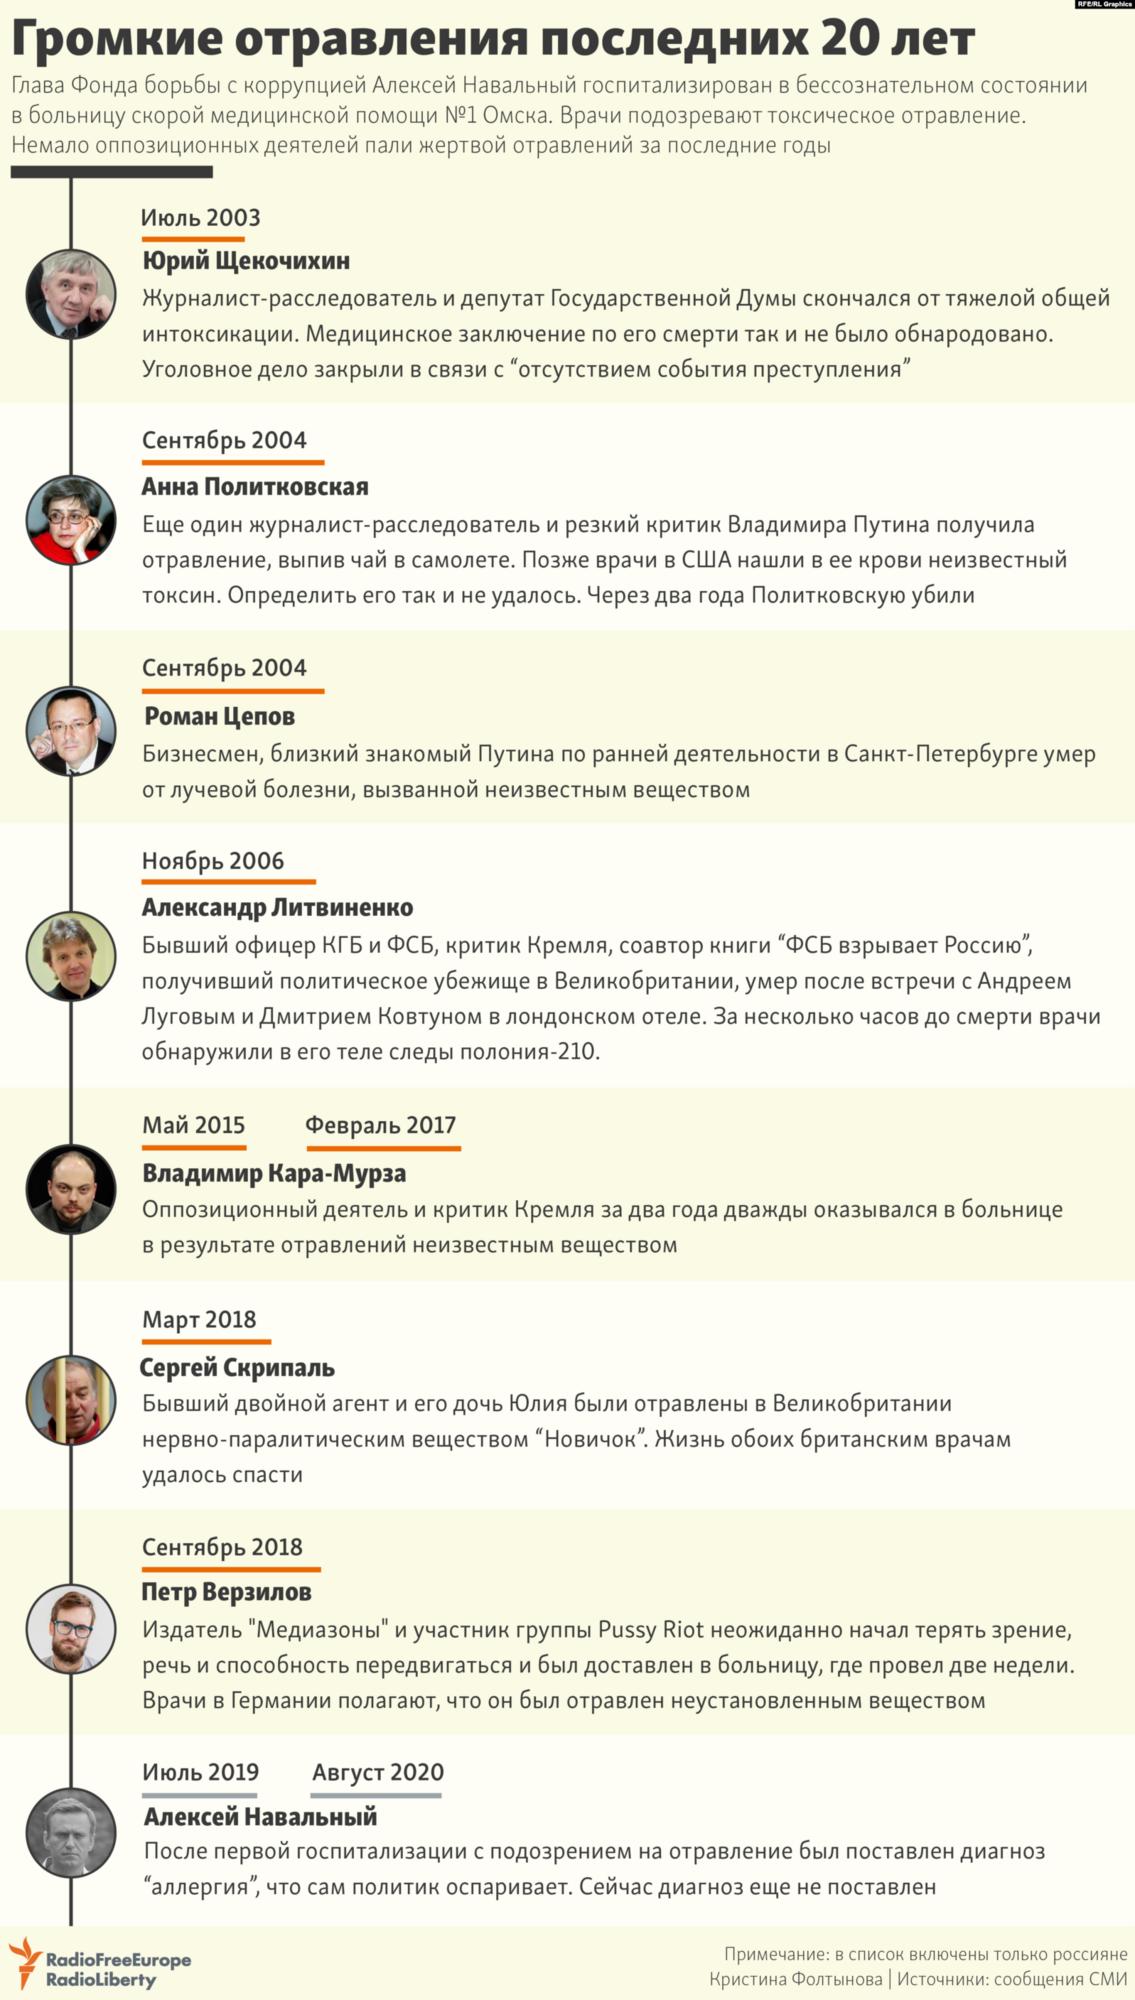 Найгучніші отруєння критиків російської влади за 20 років